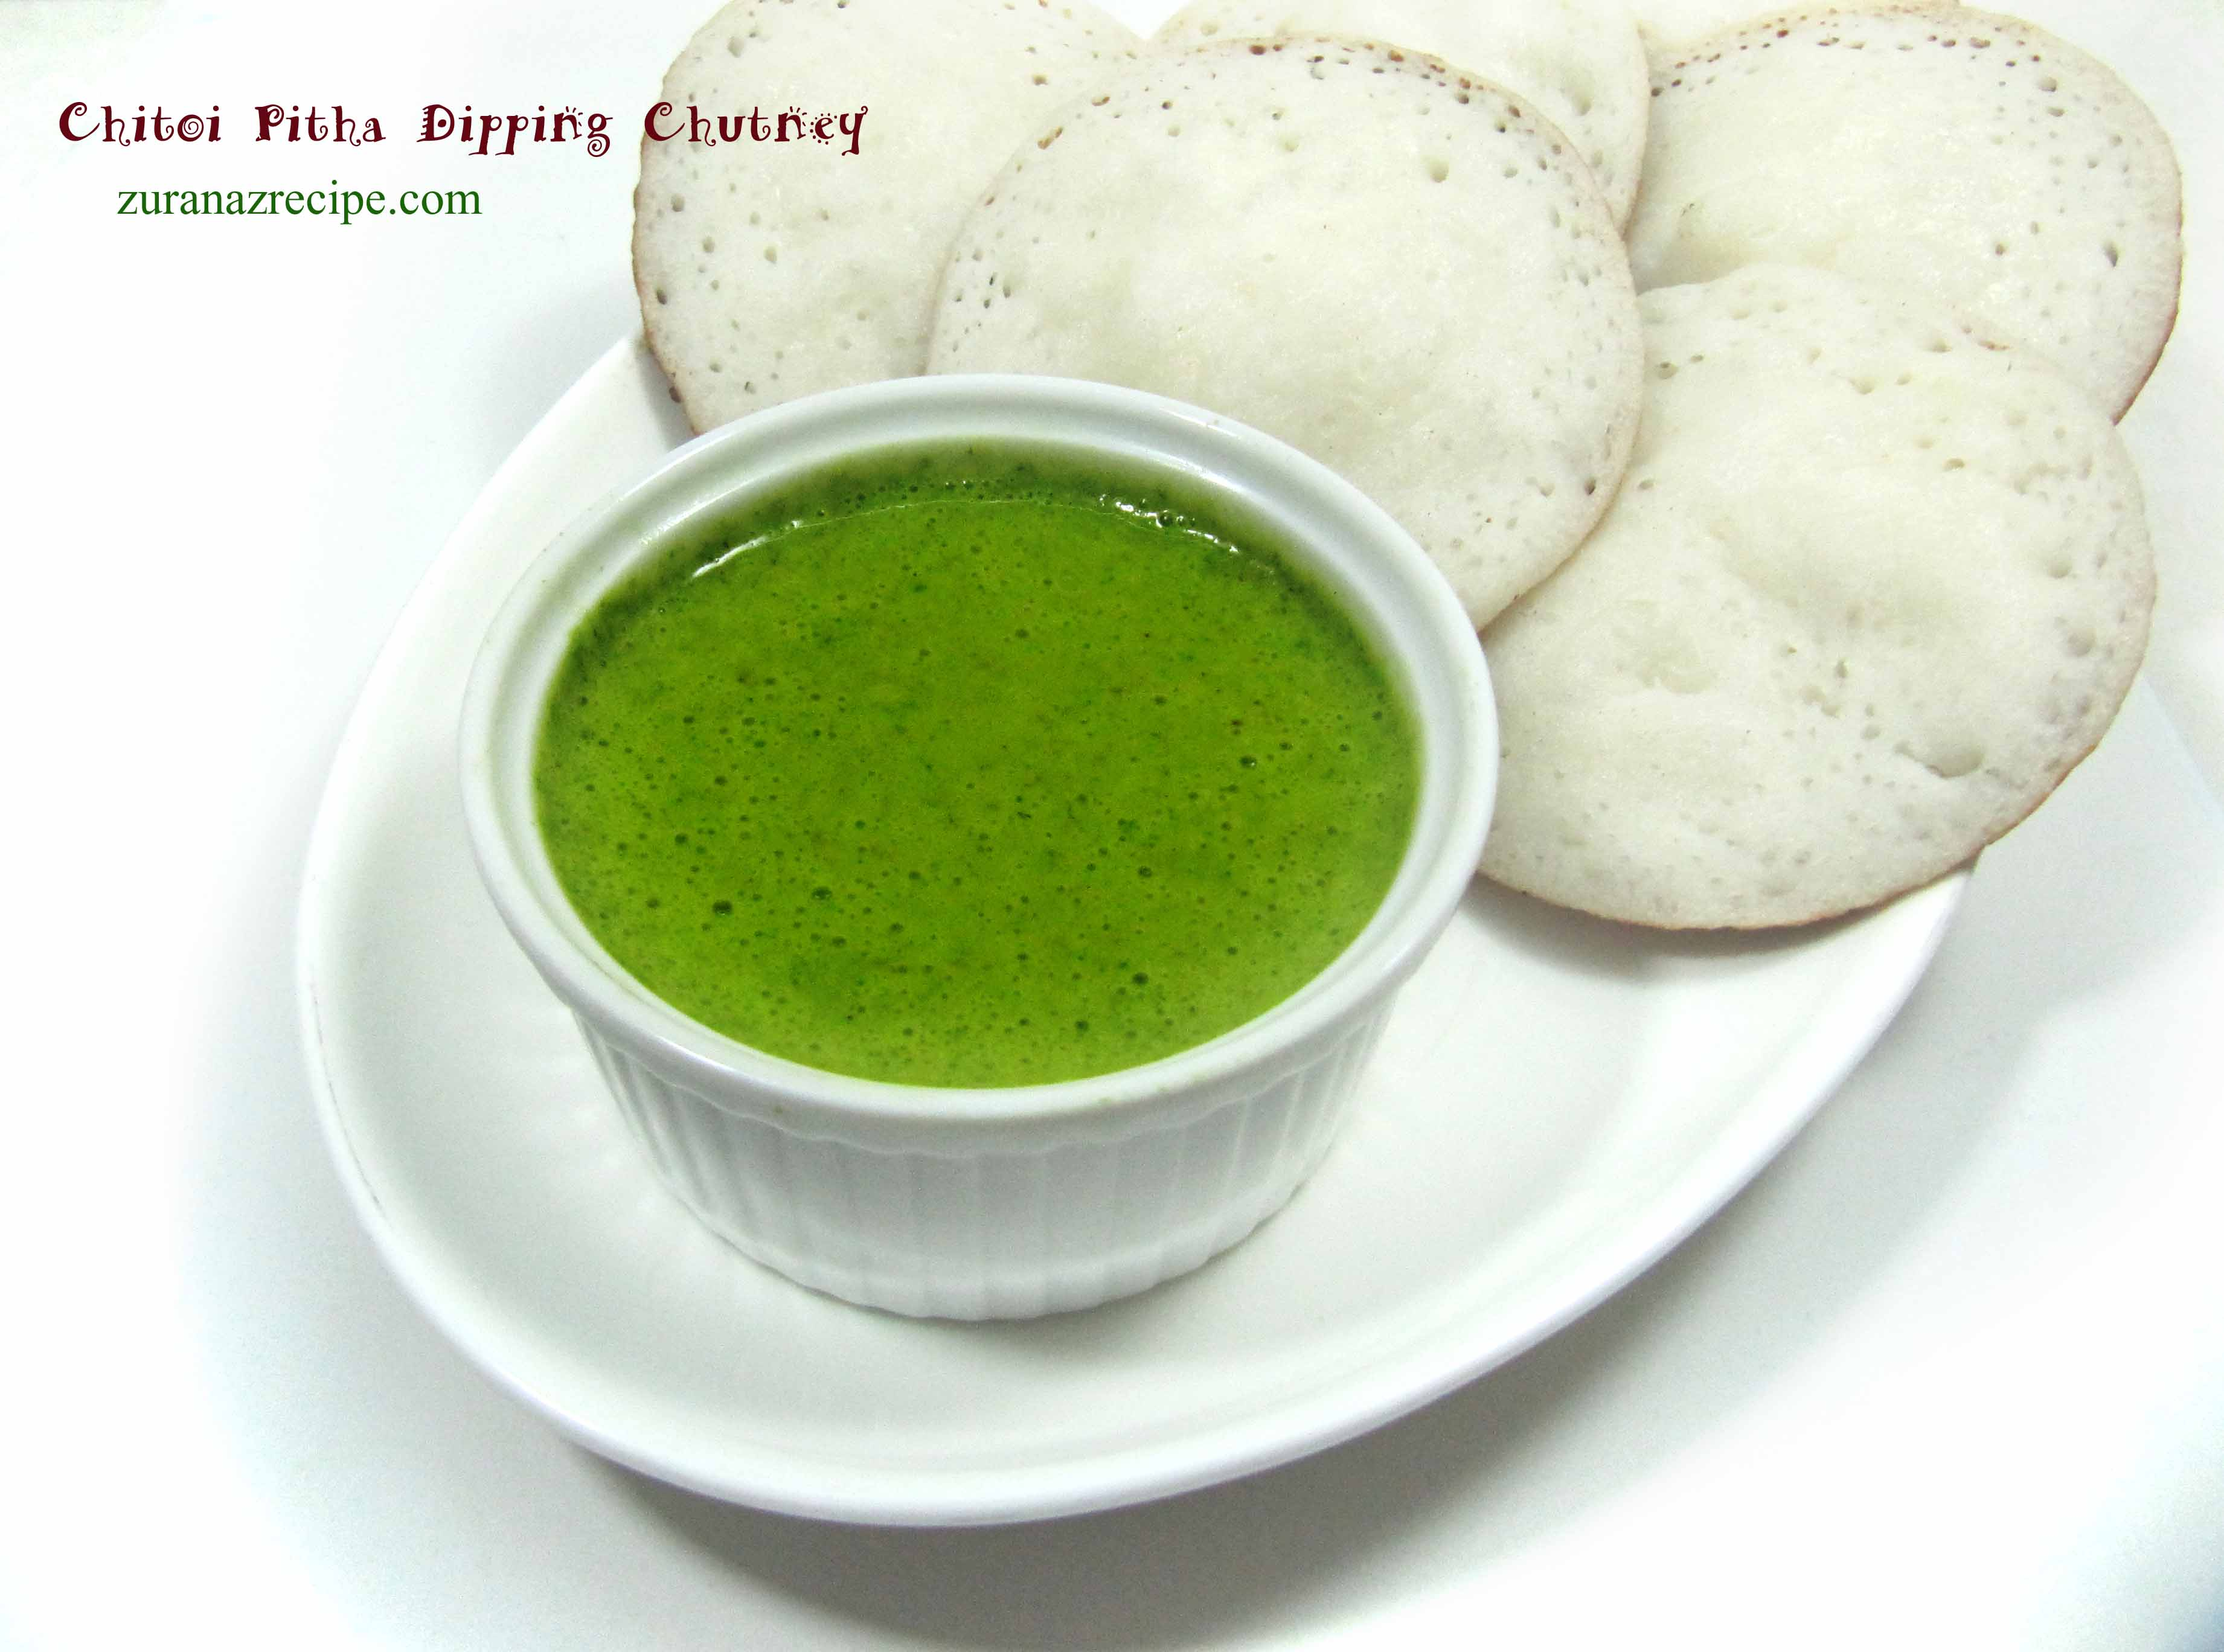 Chitoi Pitha Dipping Chutney/Coriander Chutney